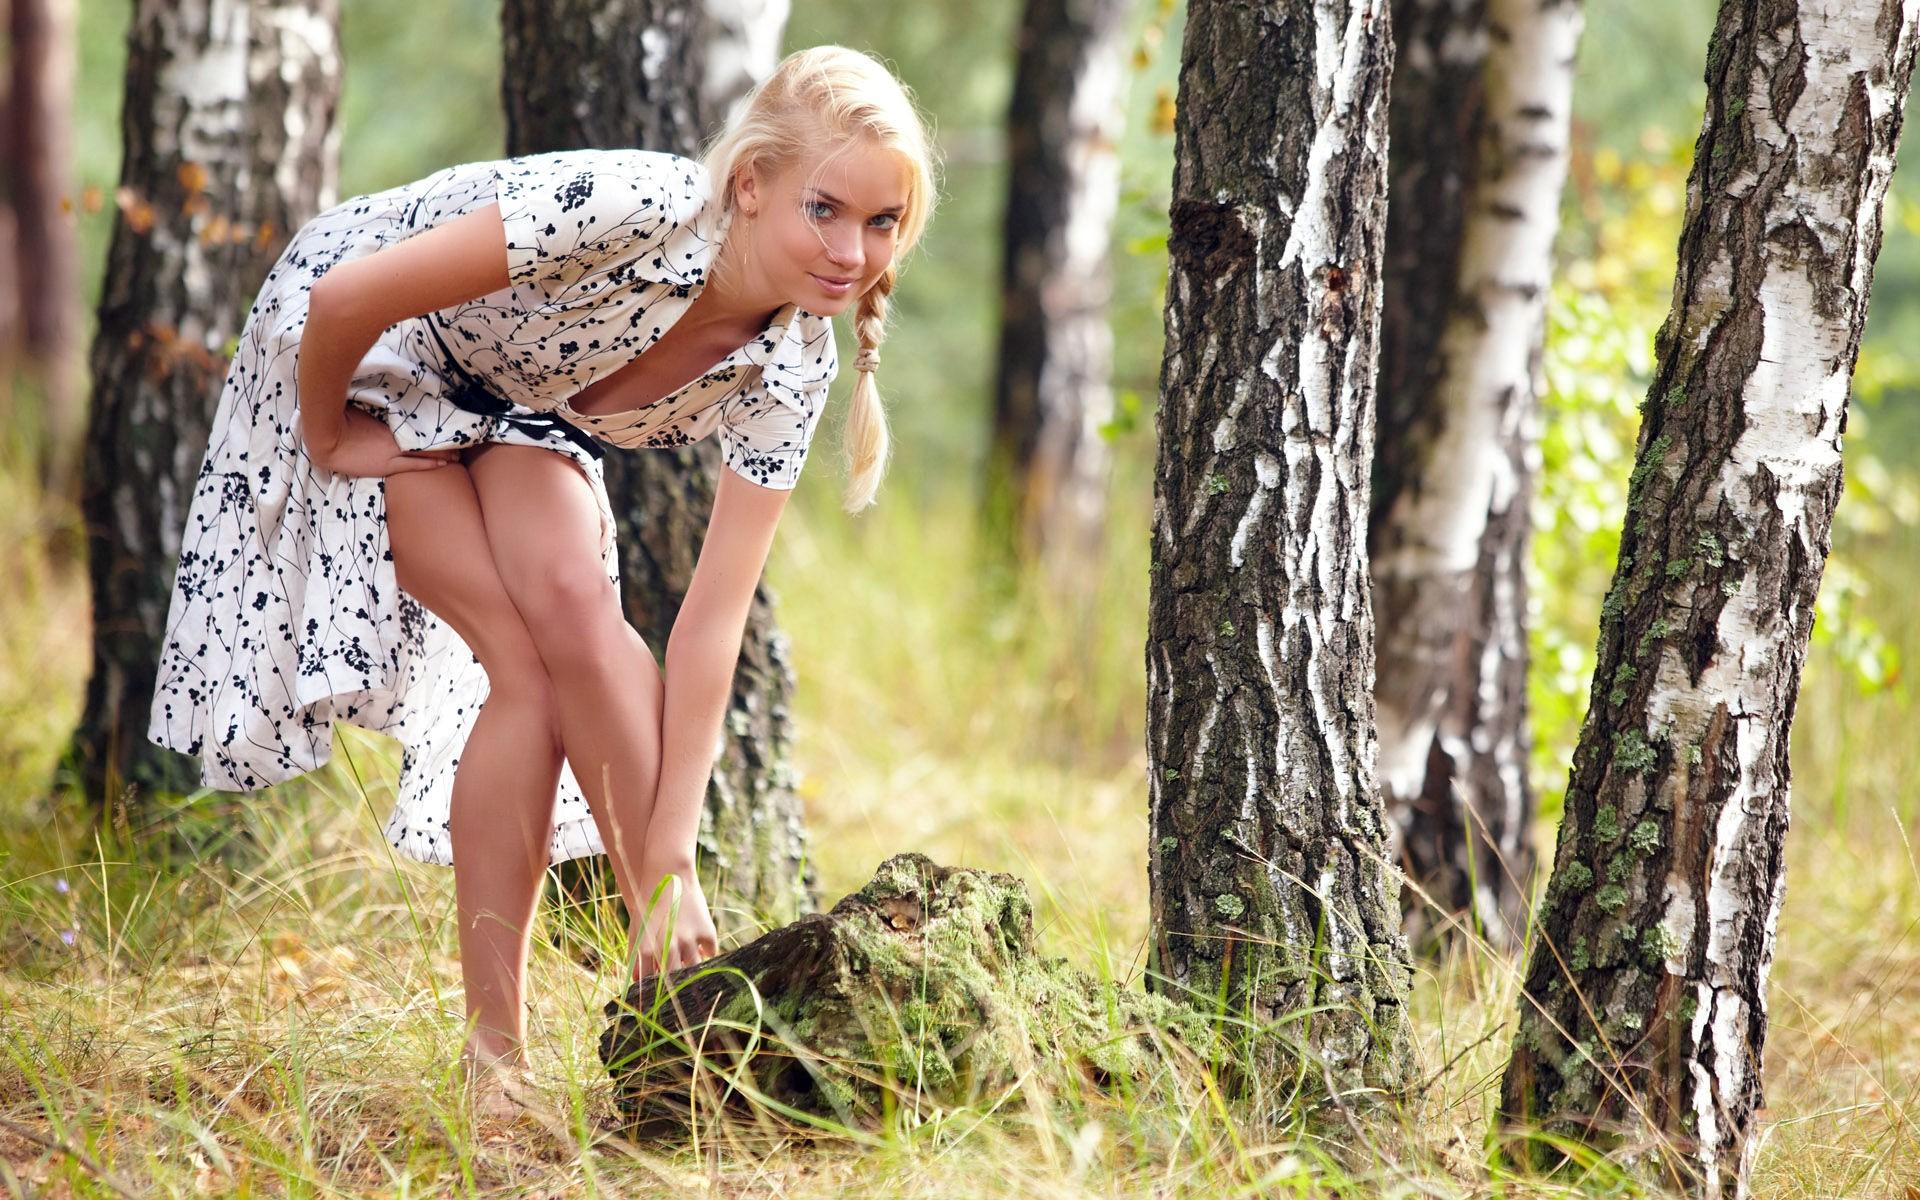 Таджичку поимел в лесу любительская съемка